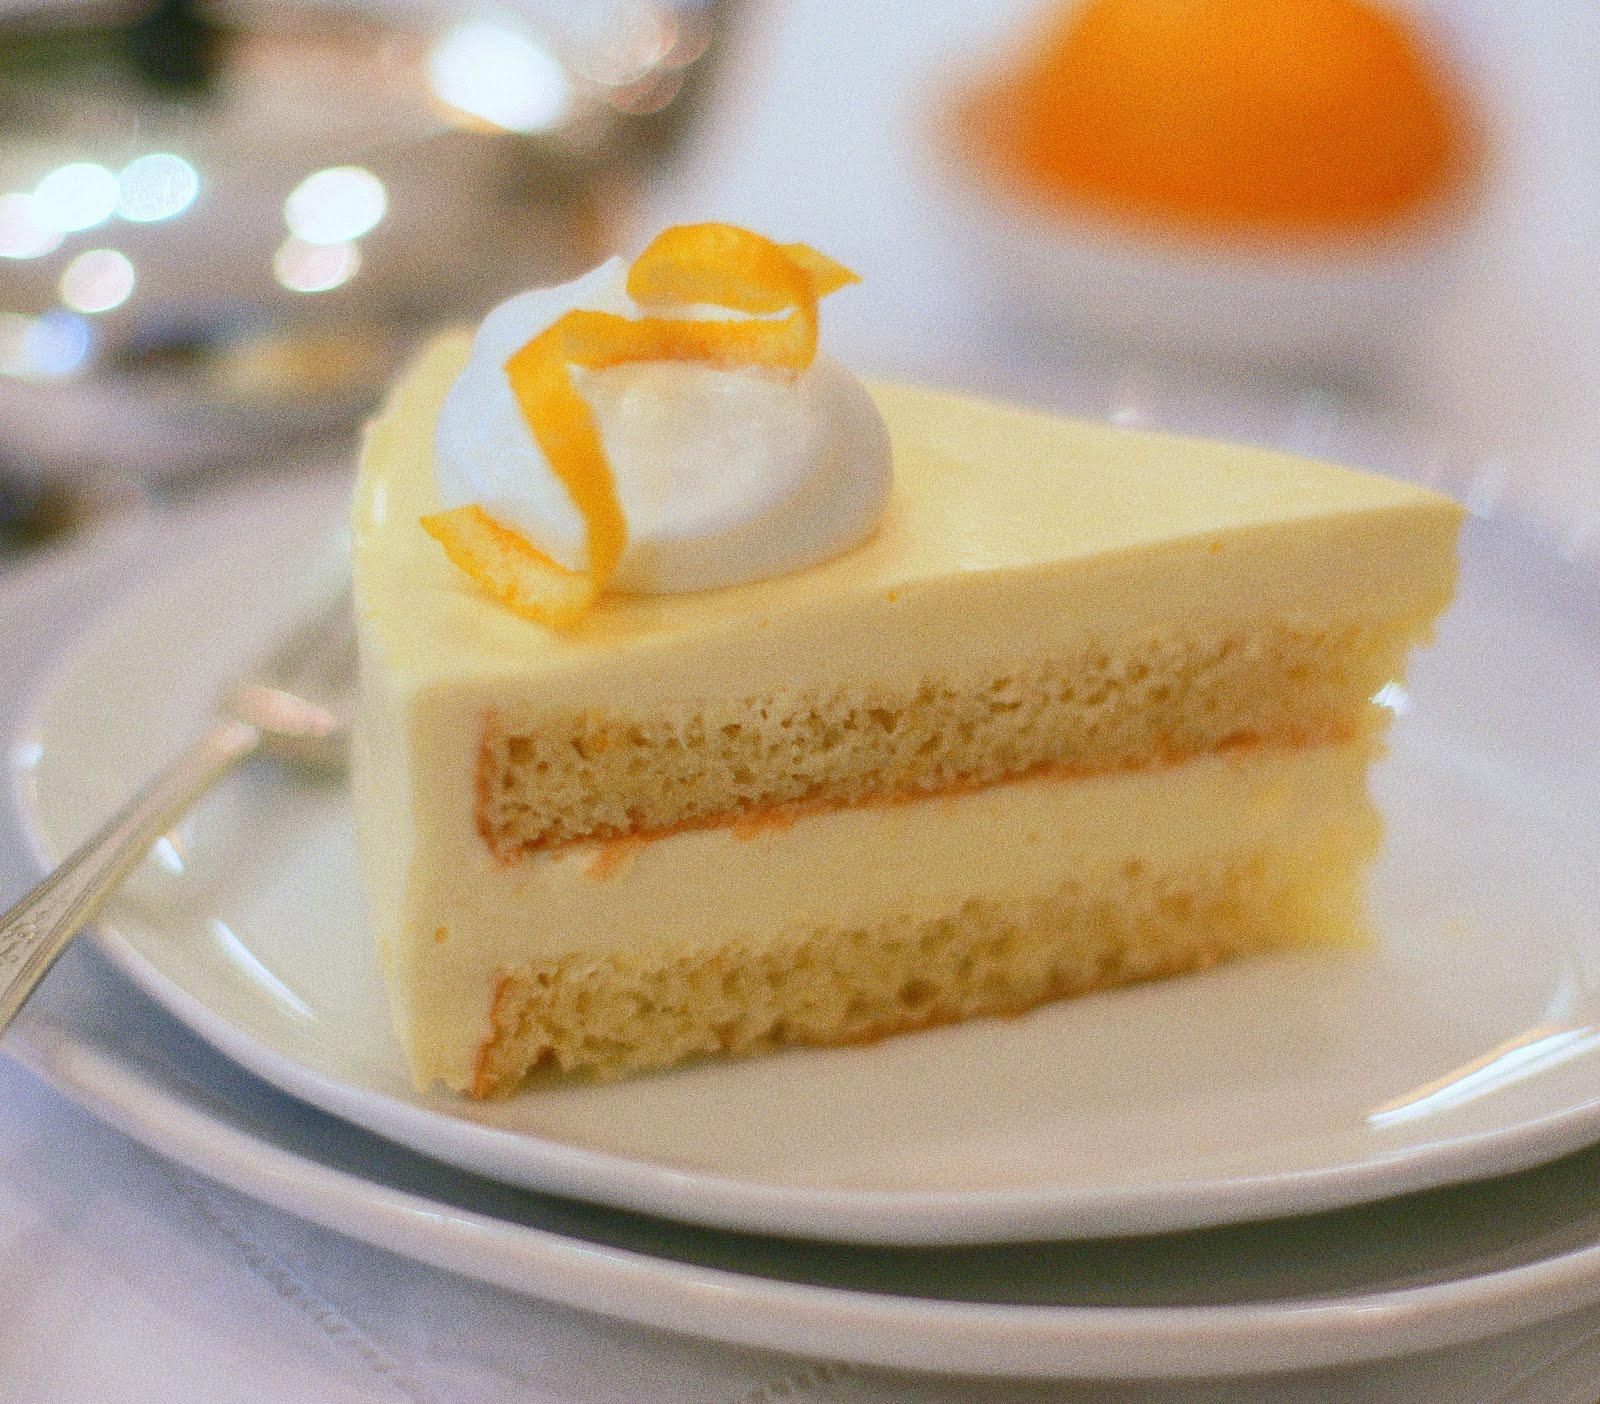 Tish Boyle Sweet Dreams: Meyer Lemon Mousse Cake